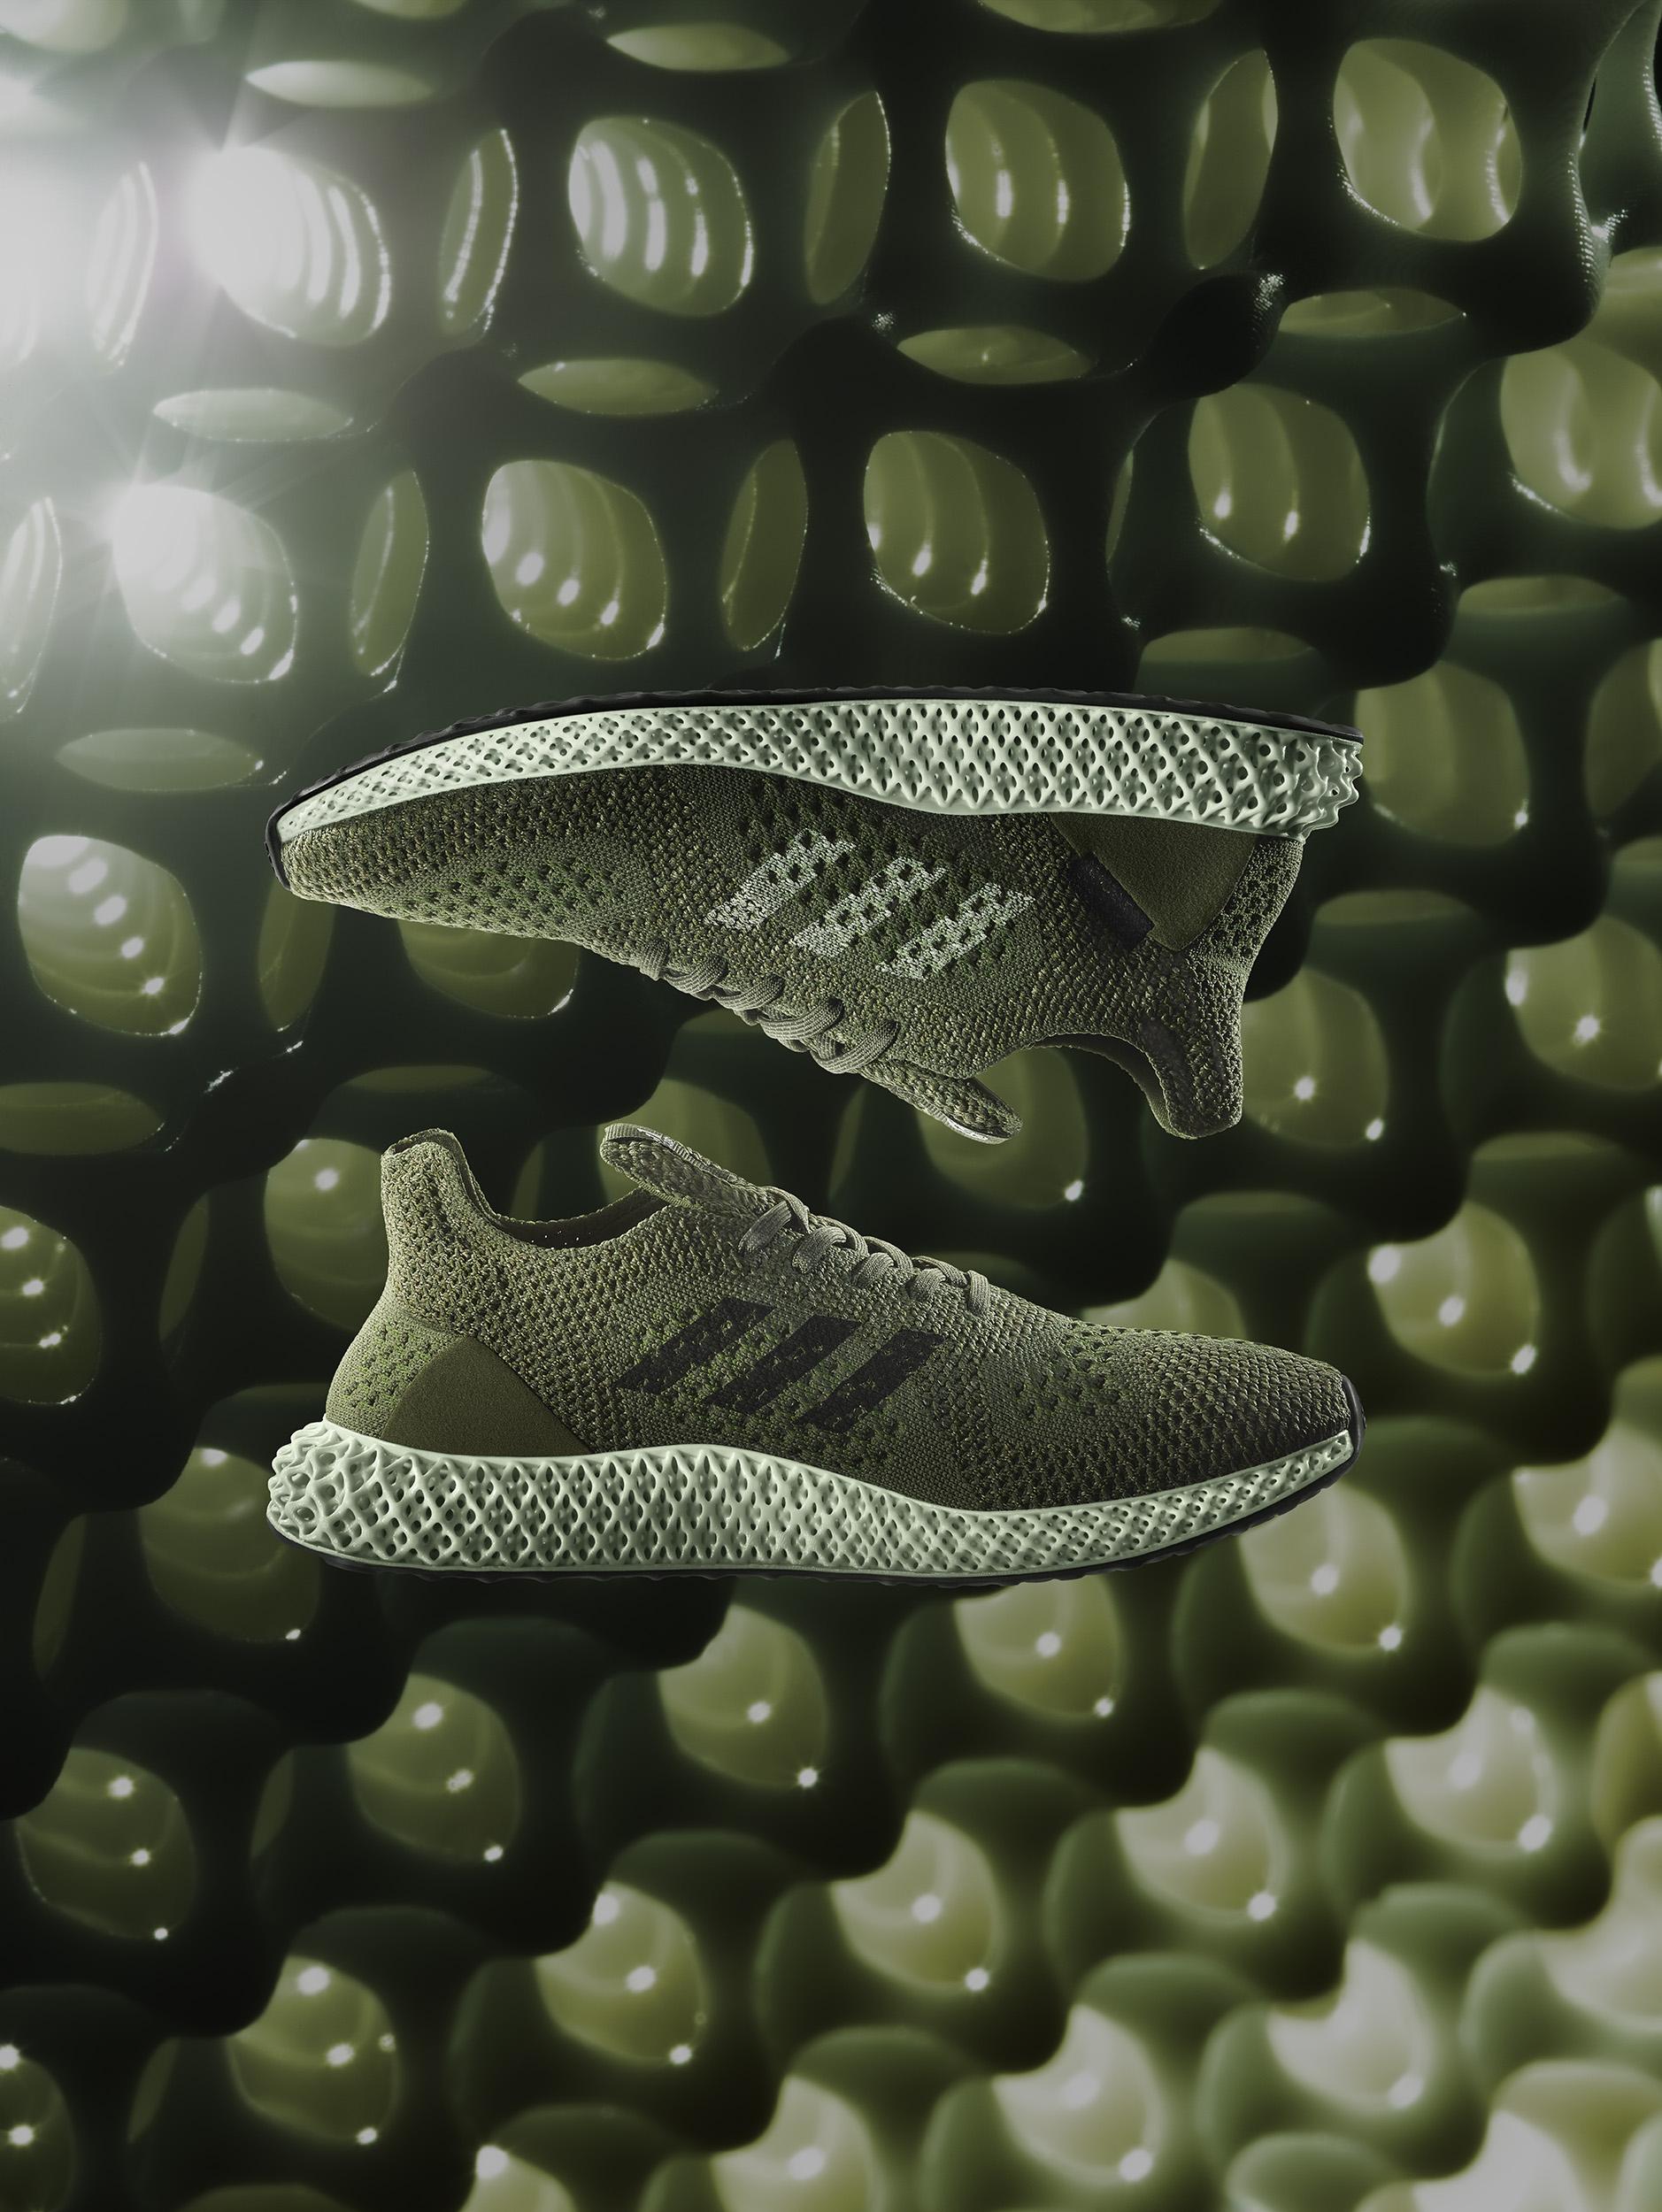 Adidas_FootPatrol_Pair02.jpg